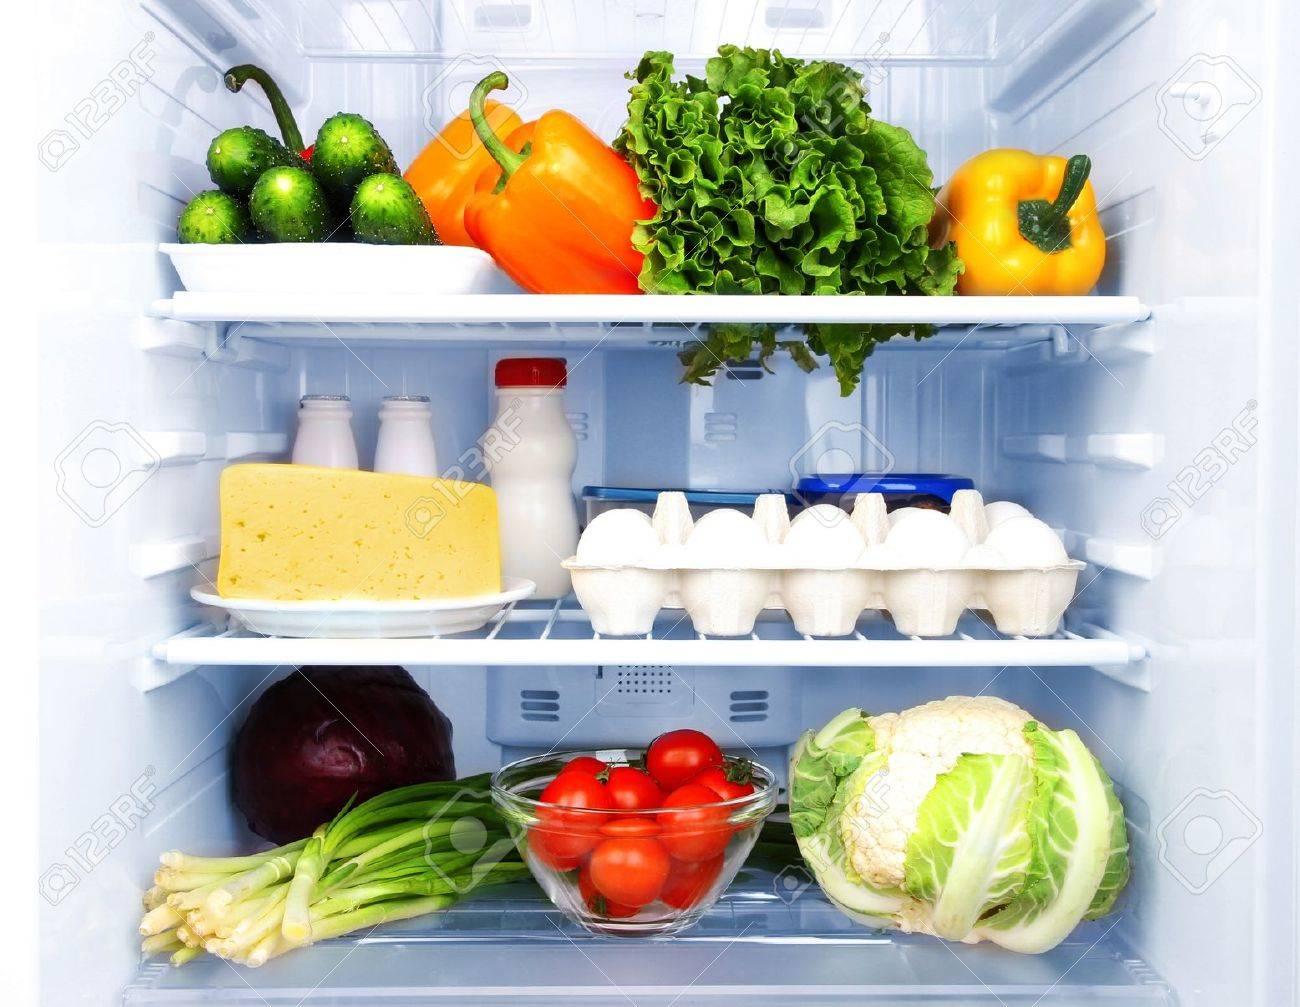 Kuhlschrank Voller Lebensmittel Lizenzfreie Fotos Bilder Und Stock